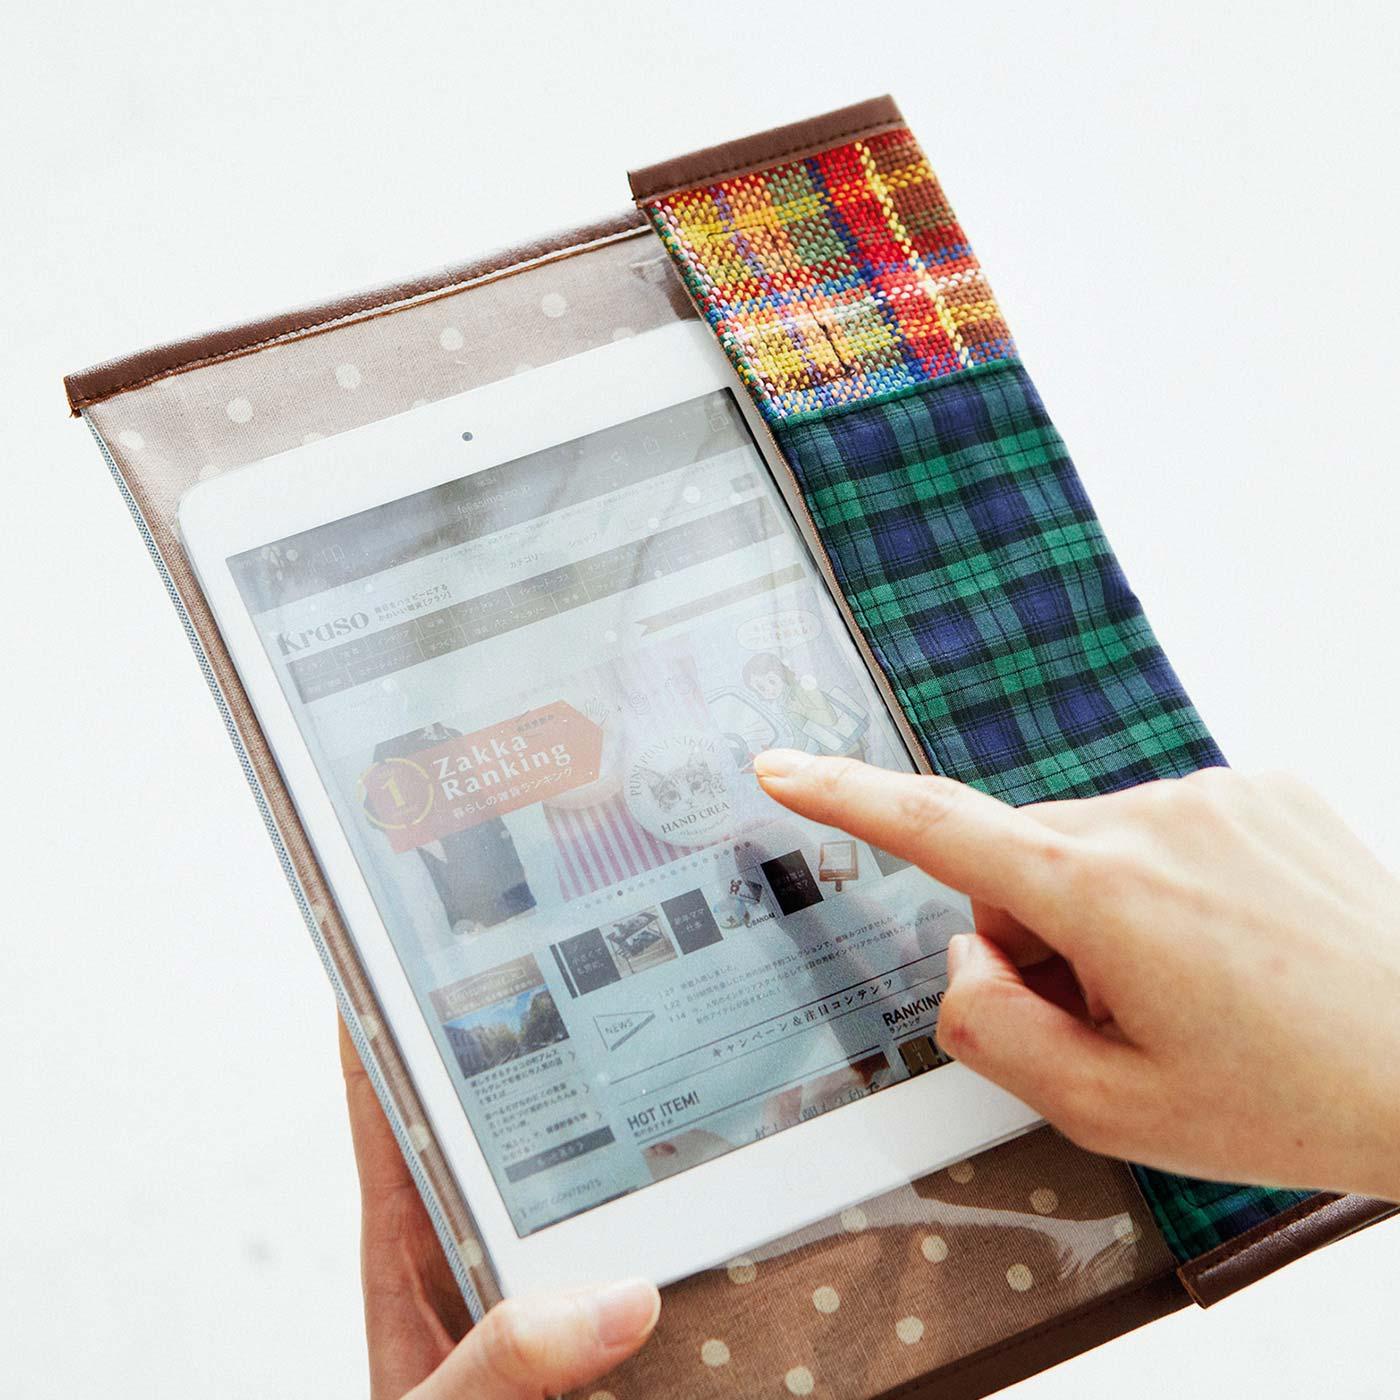 約8インチまでのタブレット端末が入るサイズ。透明シートの上から操作できるから、入れたまま検索もOK。